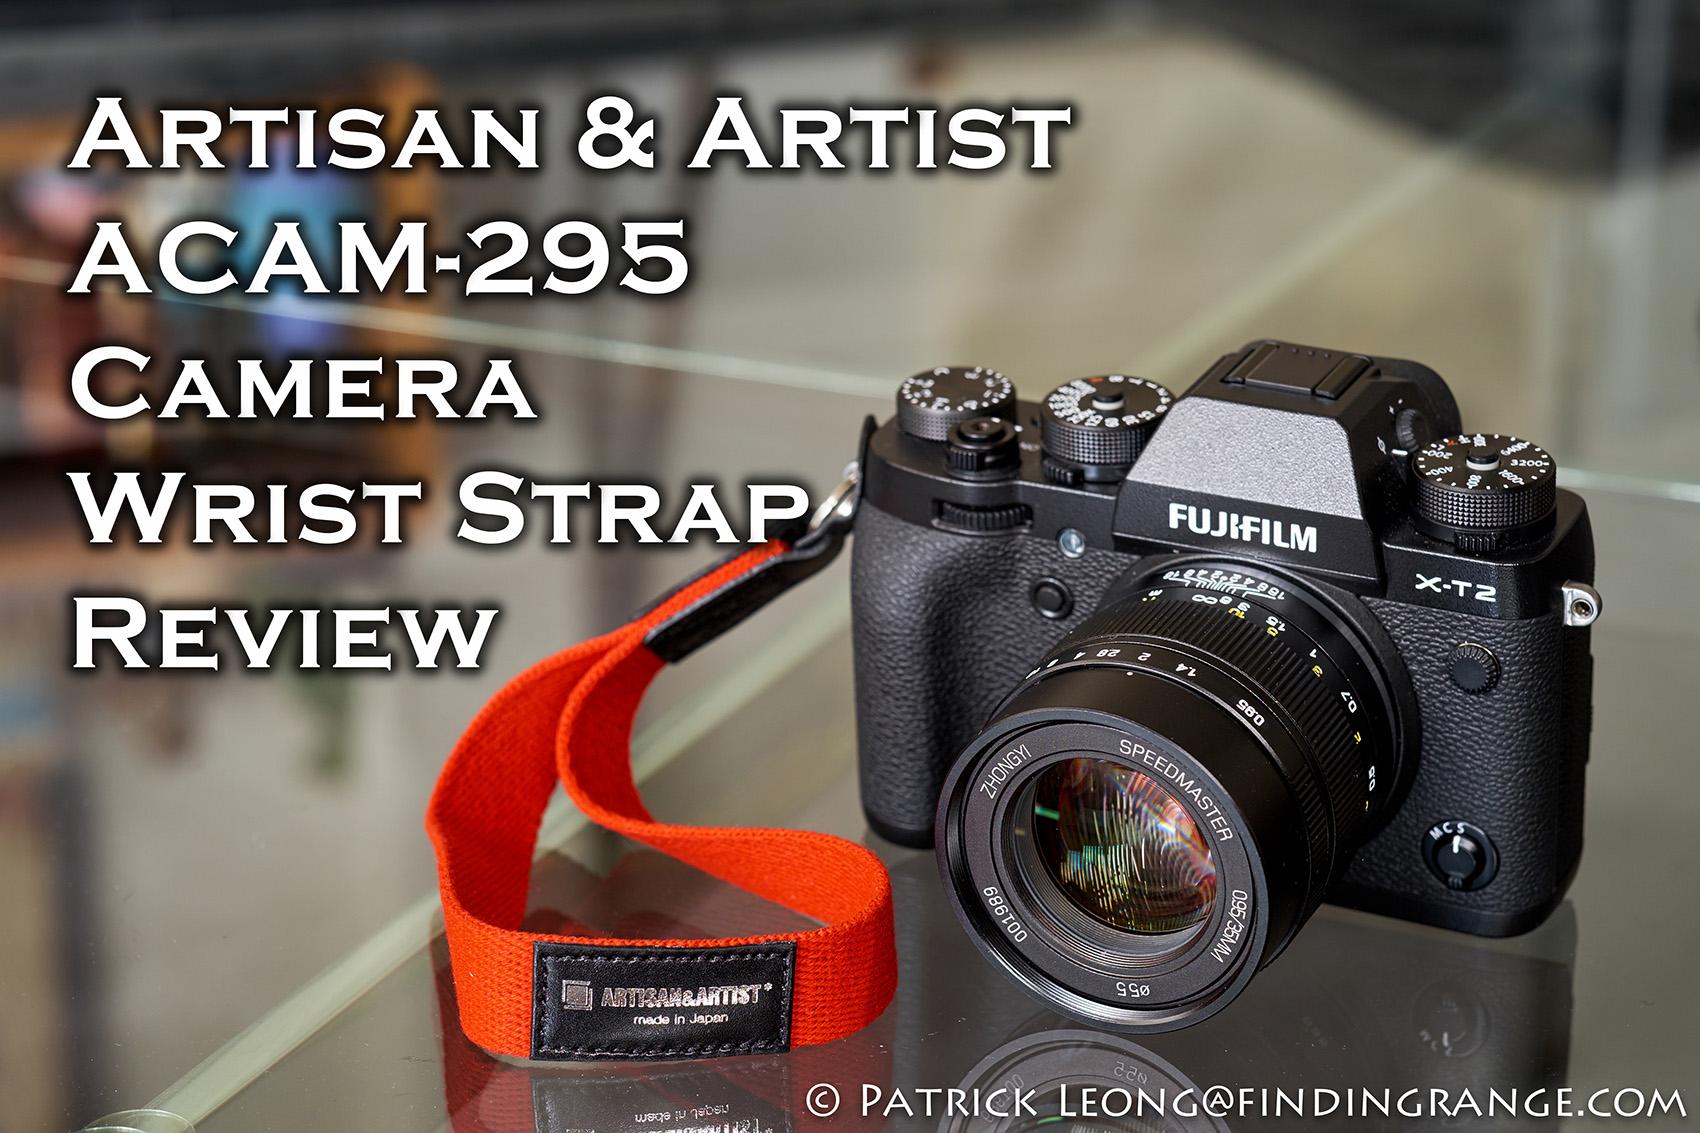 Camera Wrist Strap Slip